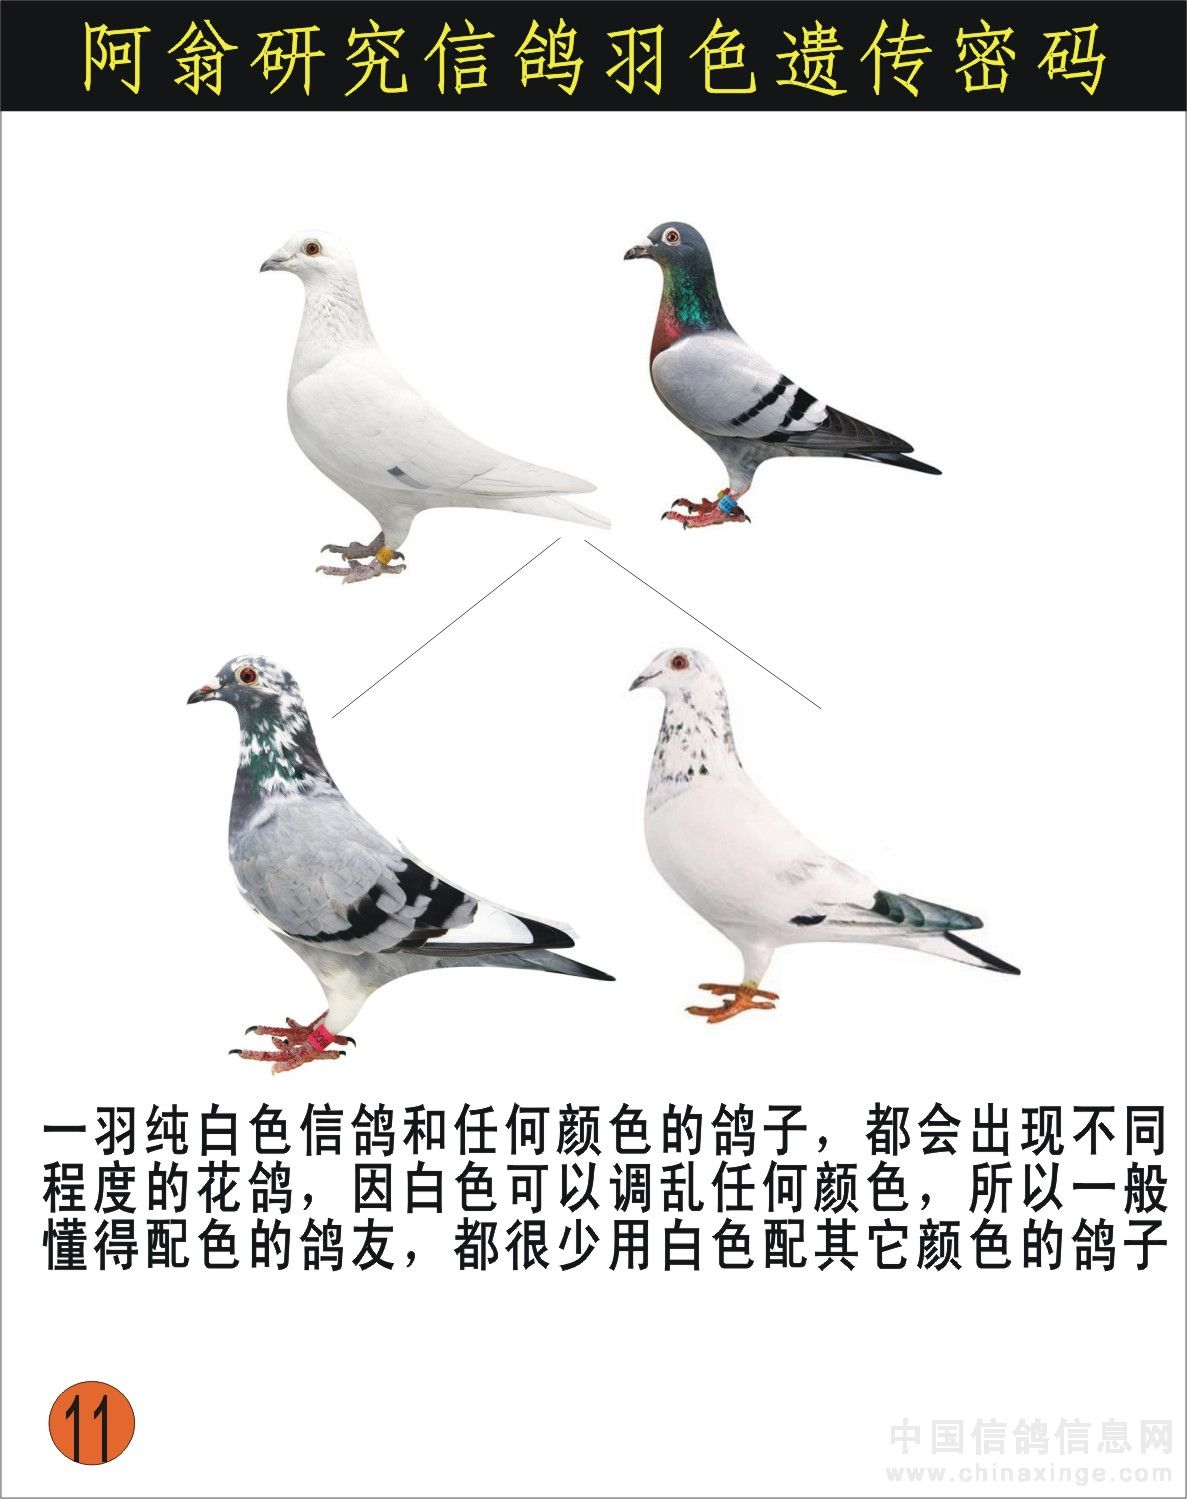 信鸽羽色配对_村松白可以配瓦灰信鸽吗,出什么羽色。-天下鸽问-ask.chinaxinge.com